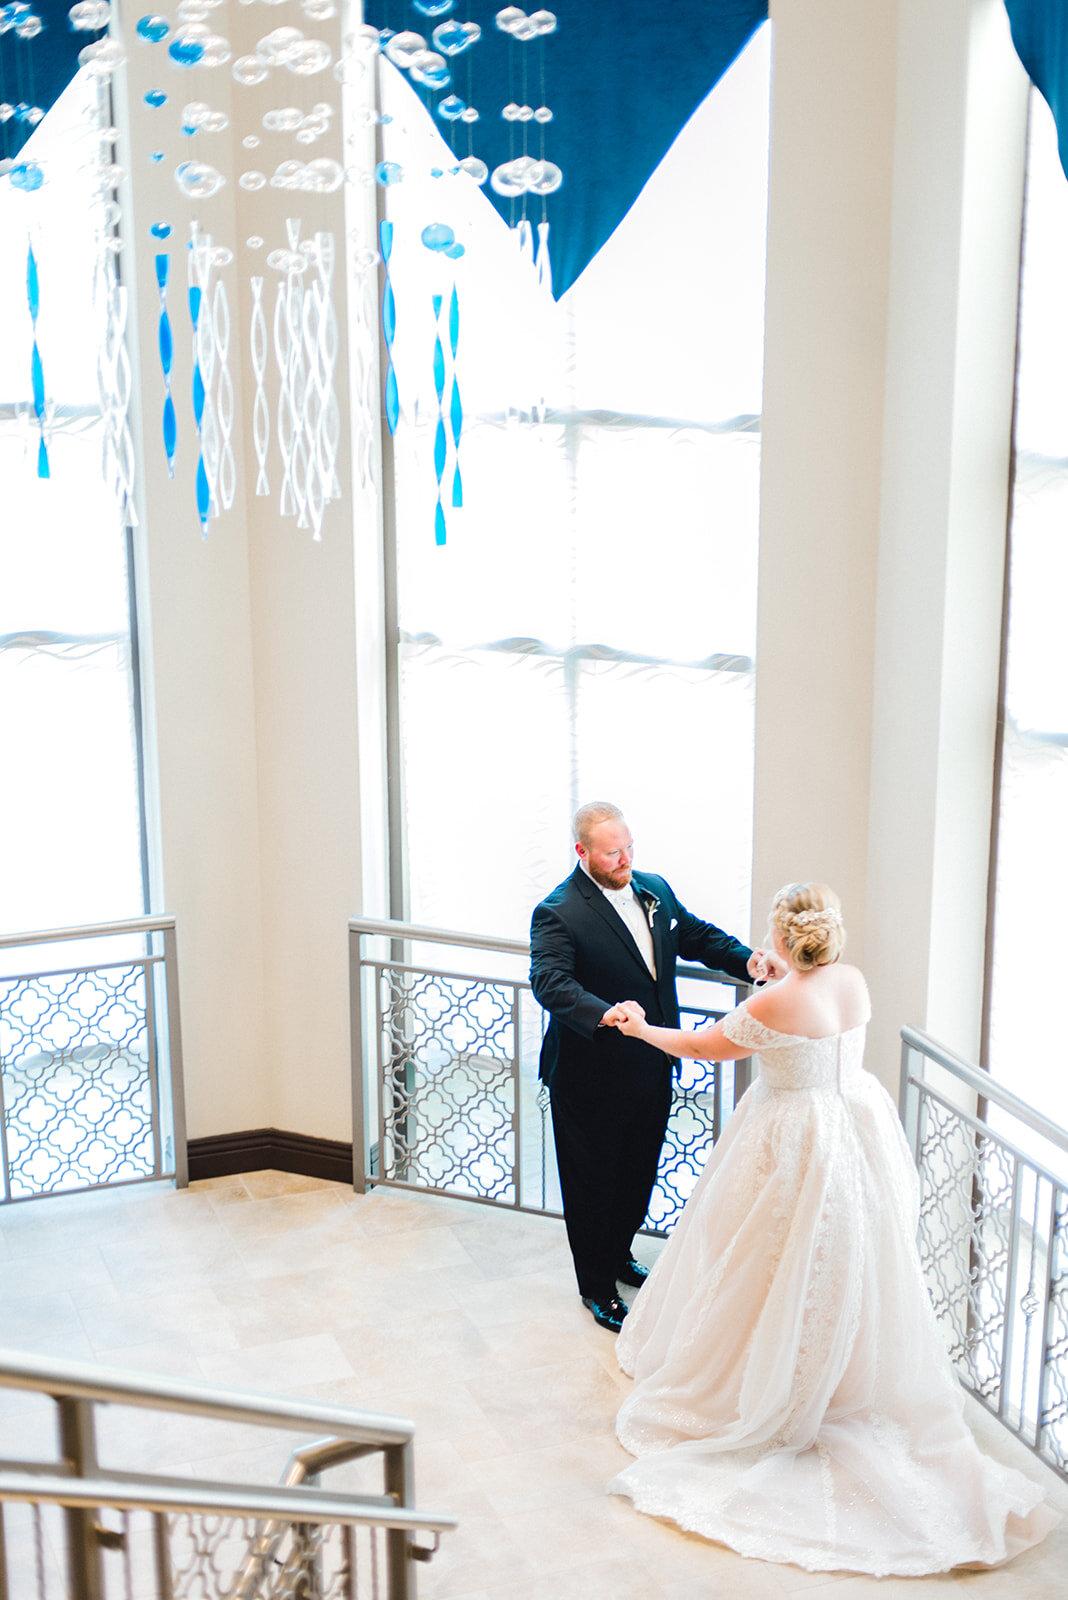 brittany_mark_wyndham_orlando_Bonnet_grand_wedding_(22_of_189).jpg